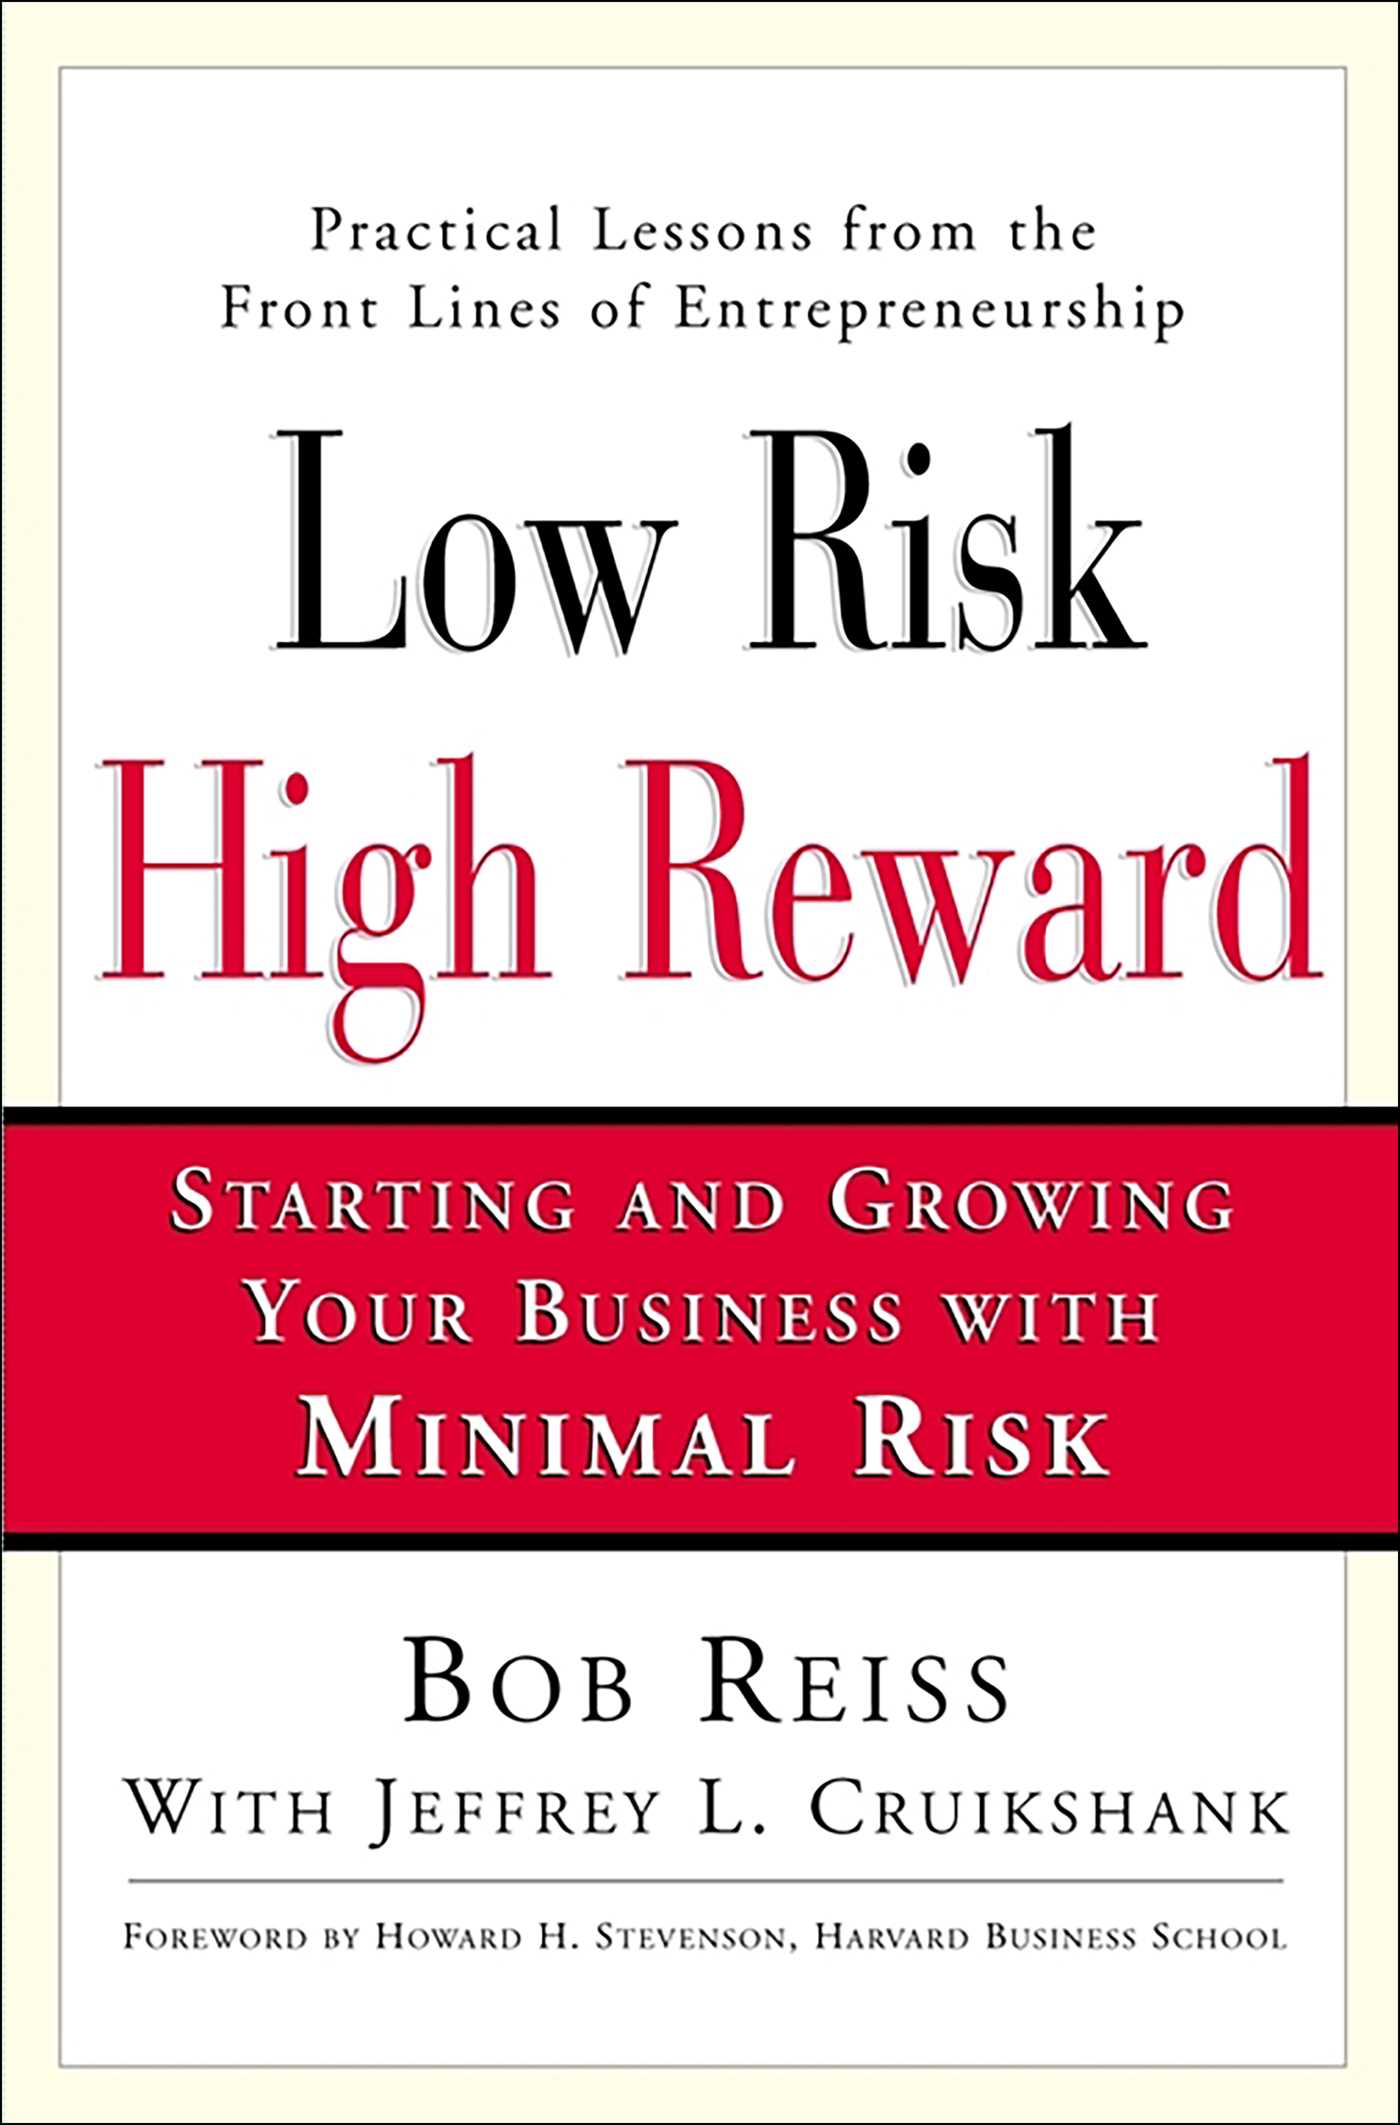 Low Risk High Reward.jpg